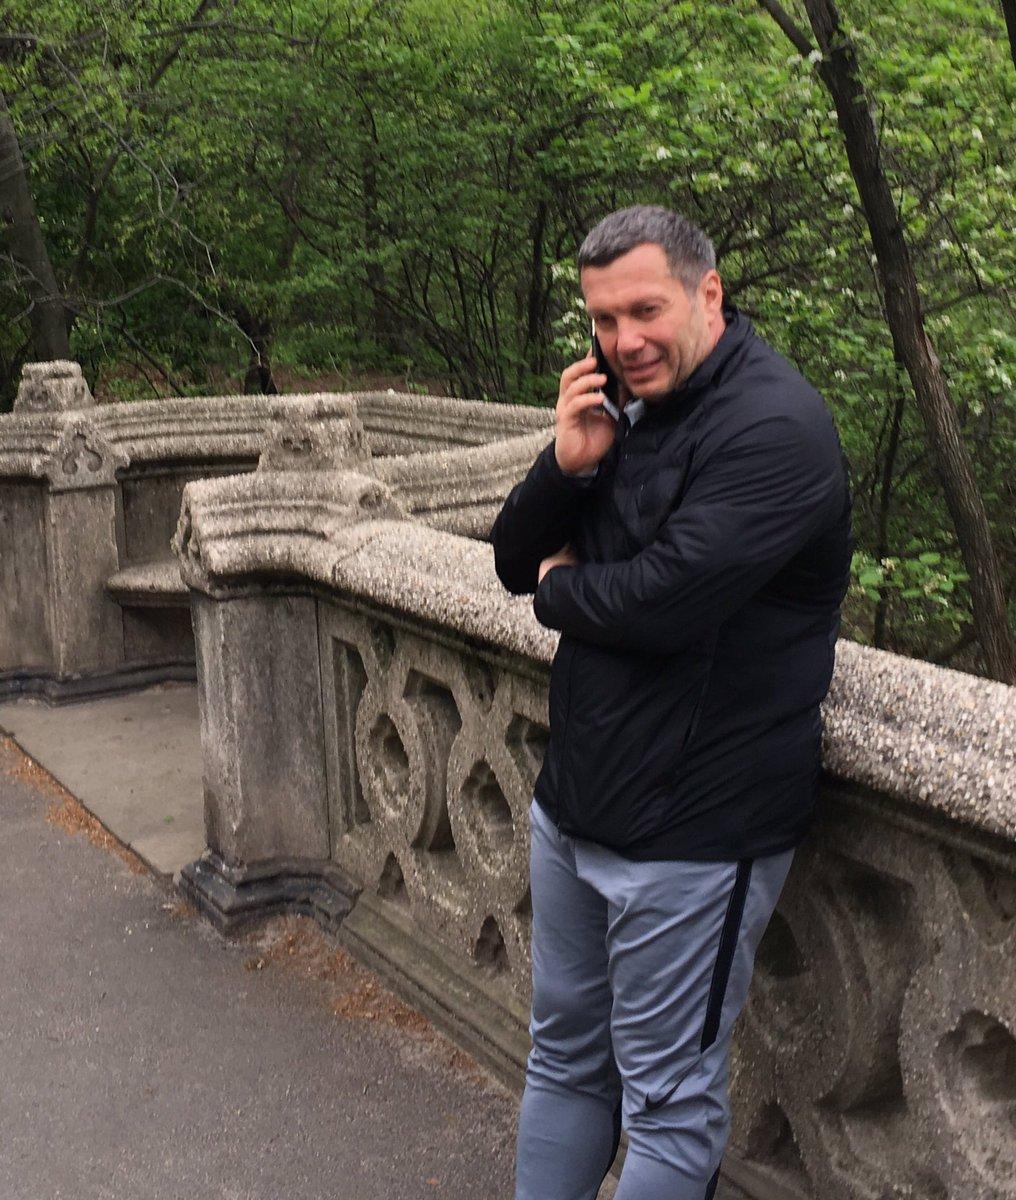 Смотрите кого утром встретил в Центральном парке Нью-Йорка. Пропагандон приехал к дяде Сему на поклон? @navalny https://t.co/GxZiulw4I4